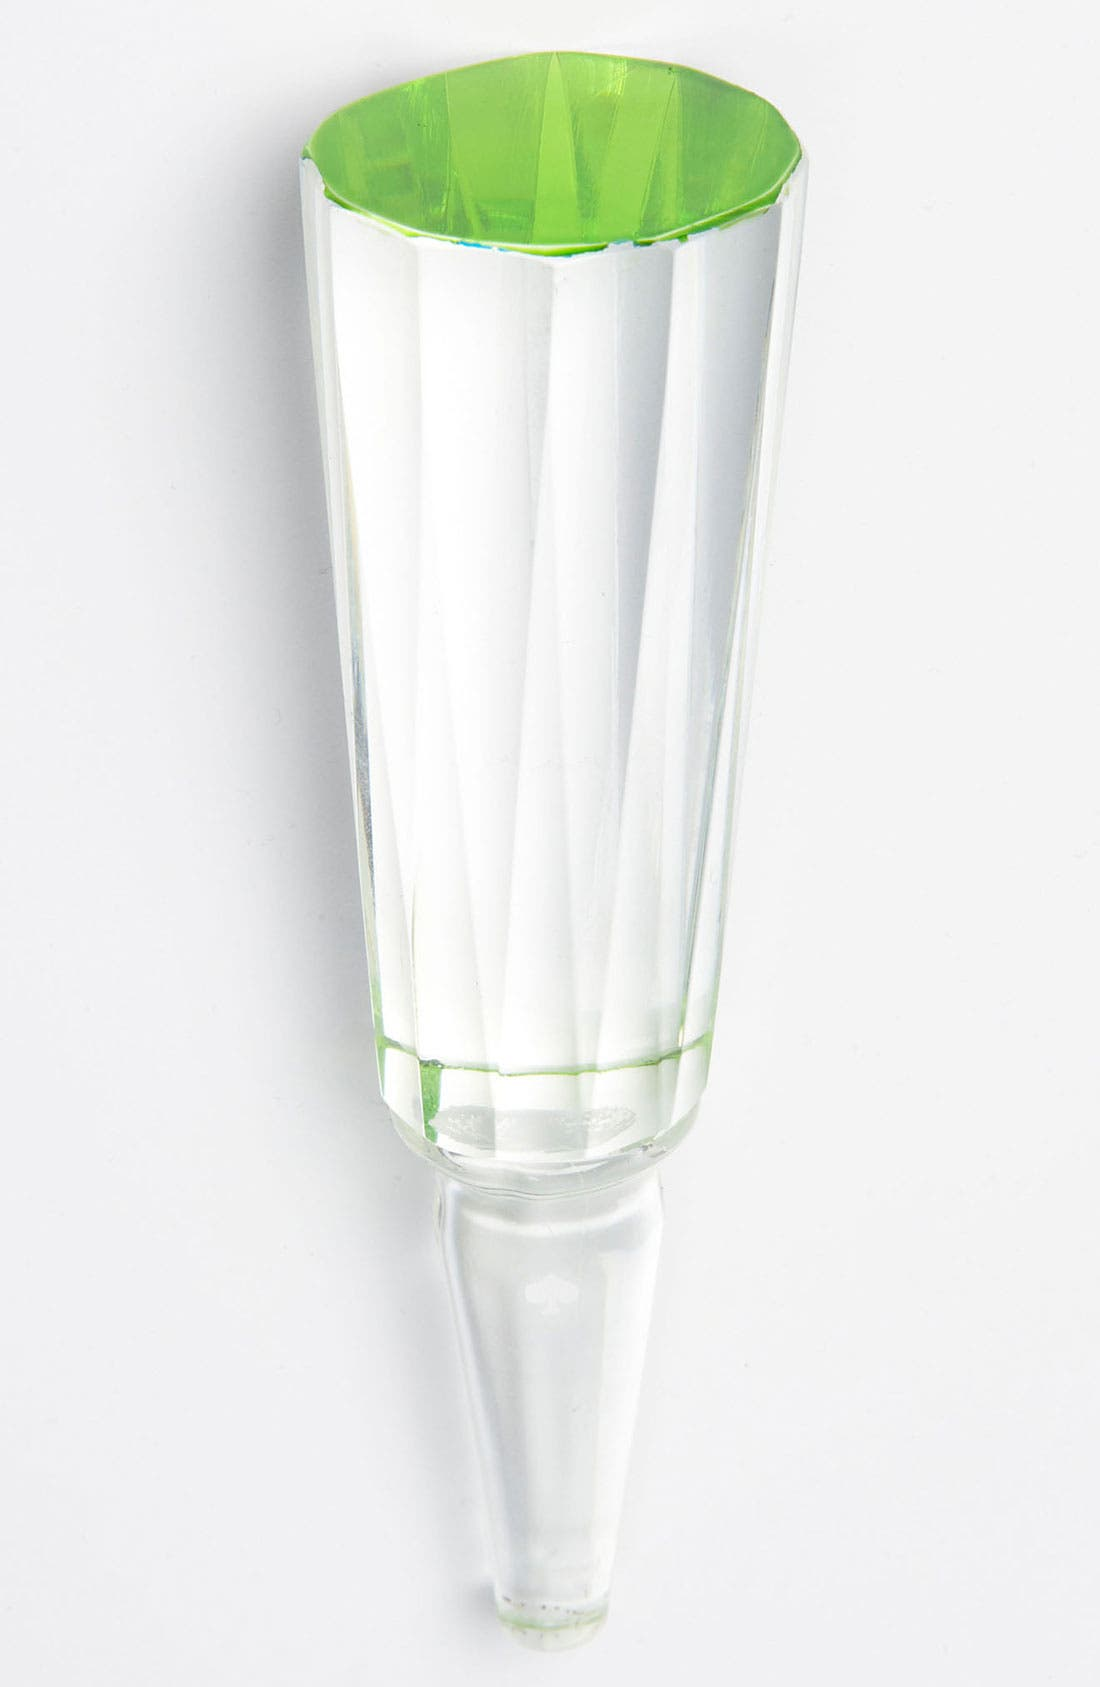 Main Image - kate spade new york 'jules point' bottle stopper